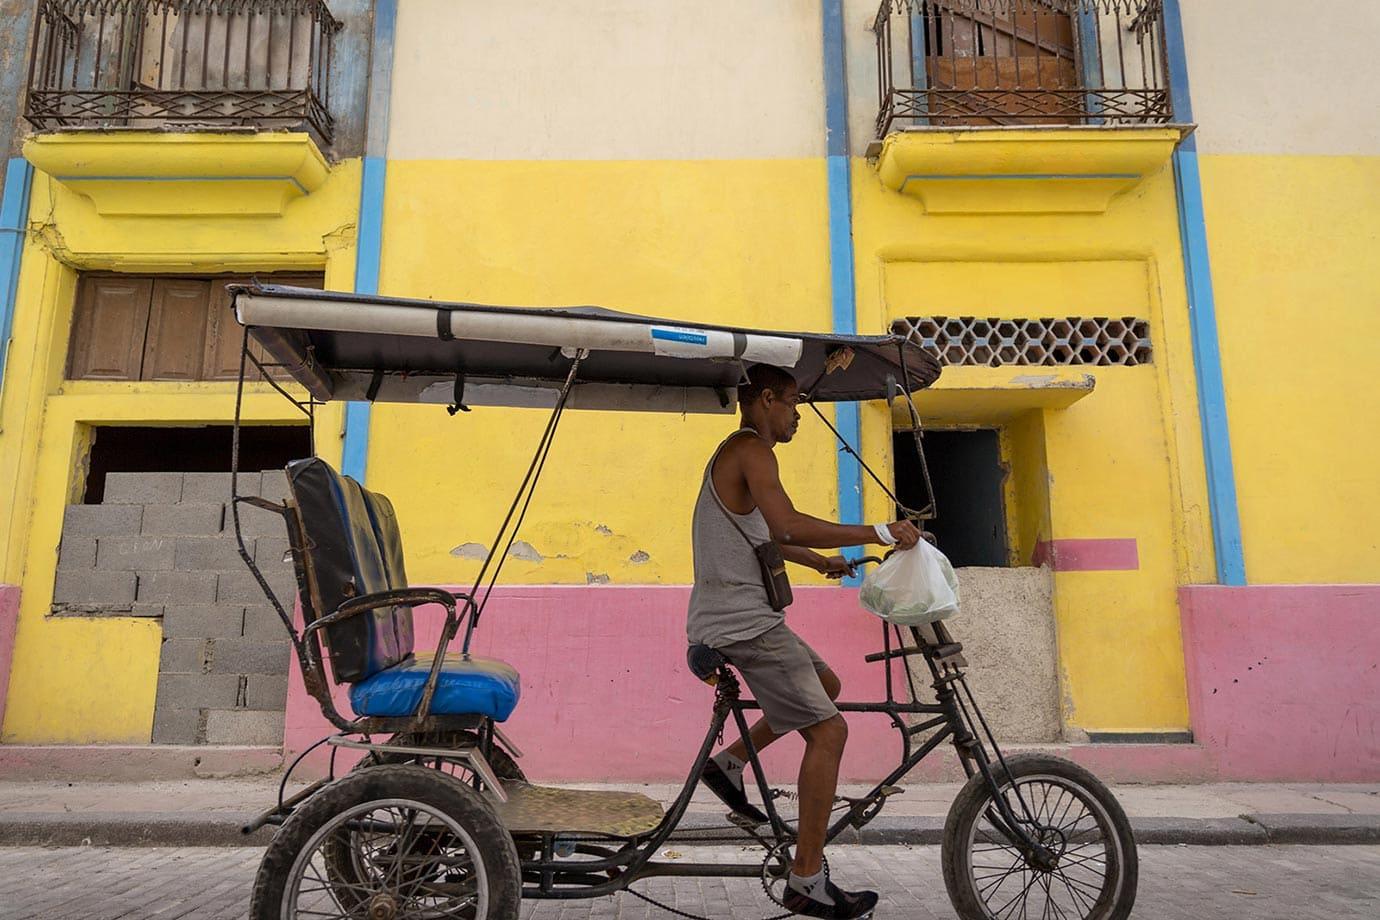 adventurous things to do in havana cuba